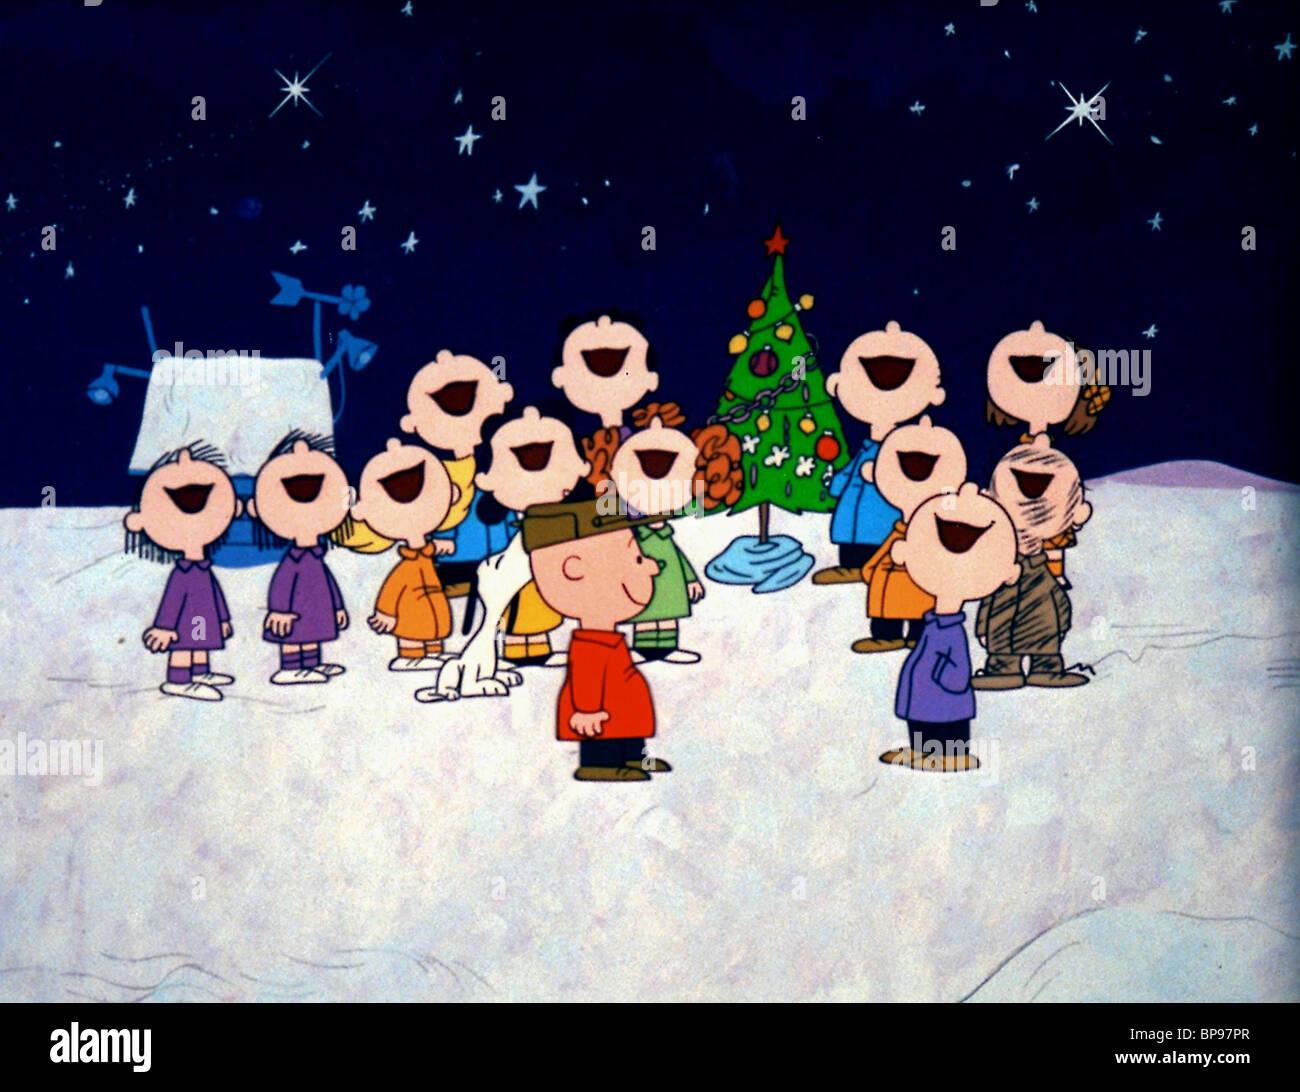 Choir Christmas Stock Photos & Choir Christmas Stock Images - Alamy